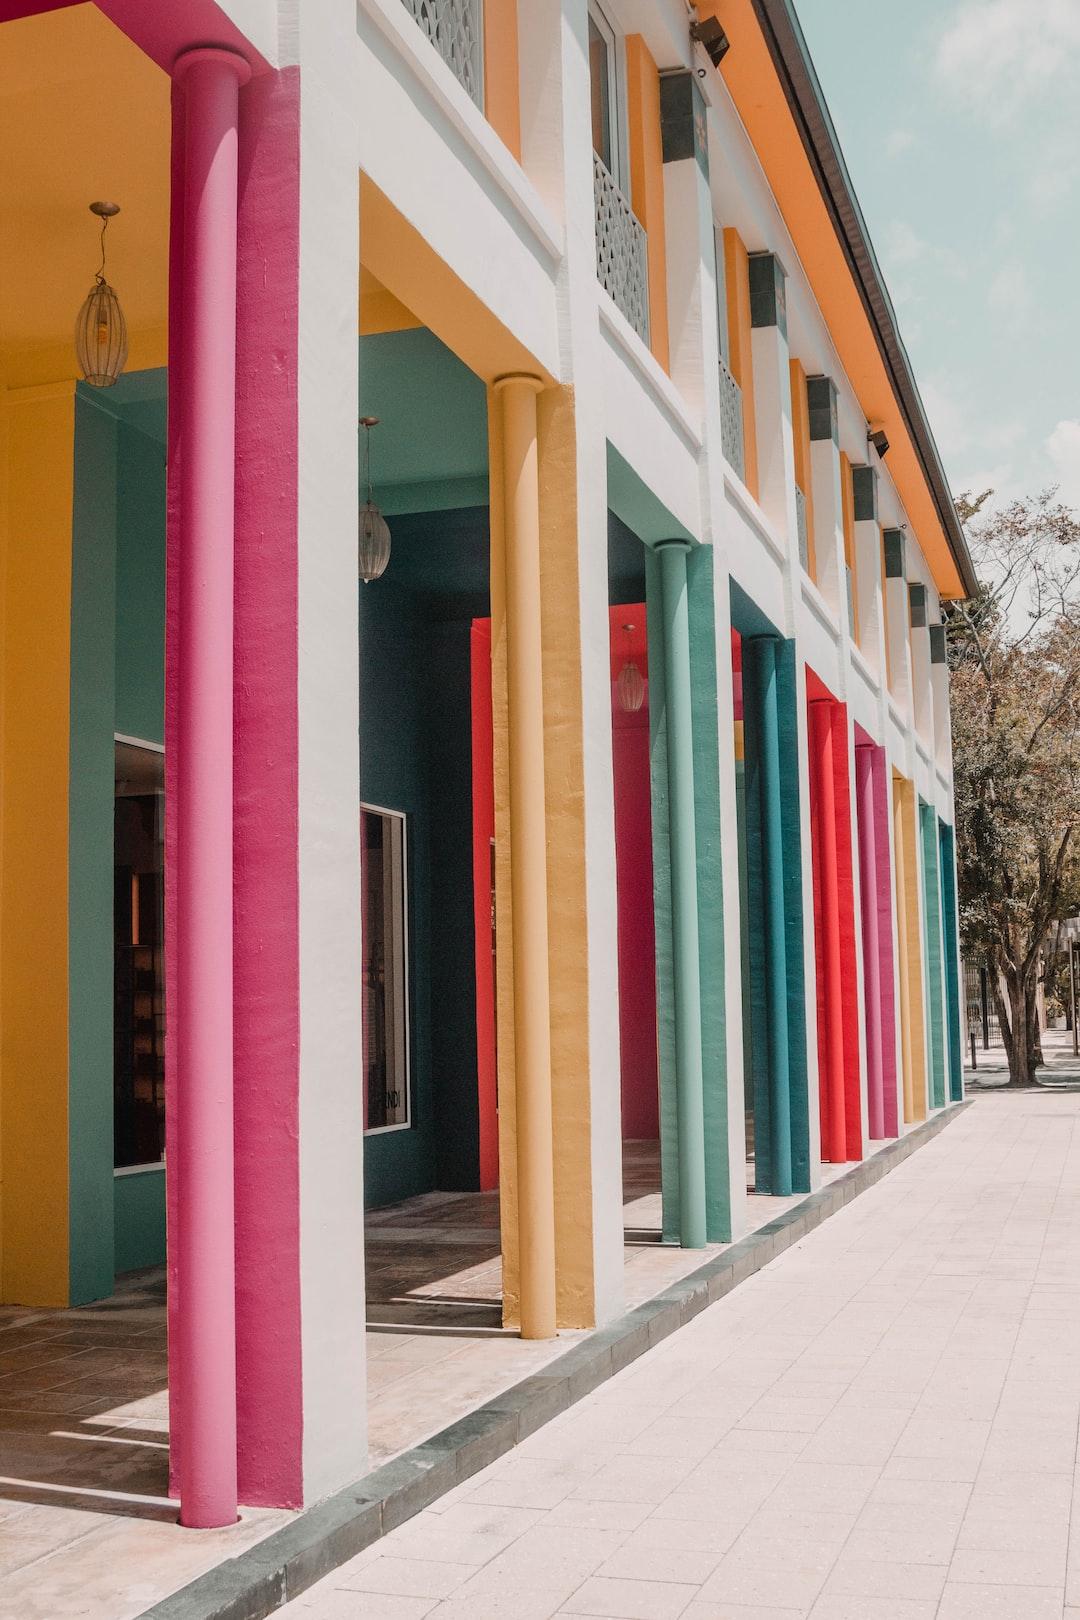 Fendi store at Miami Design District